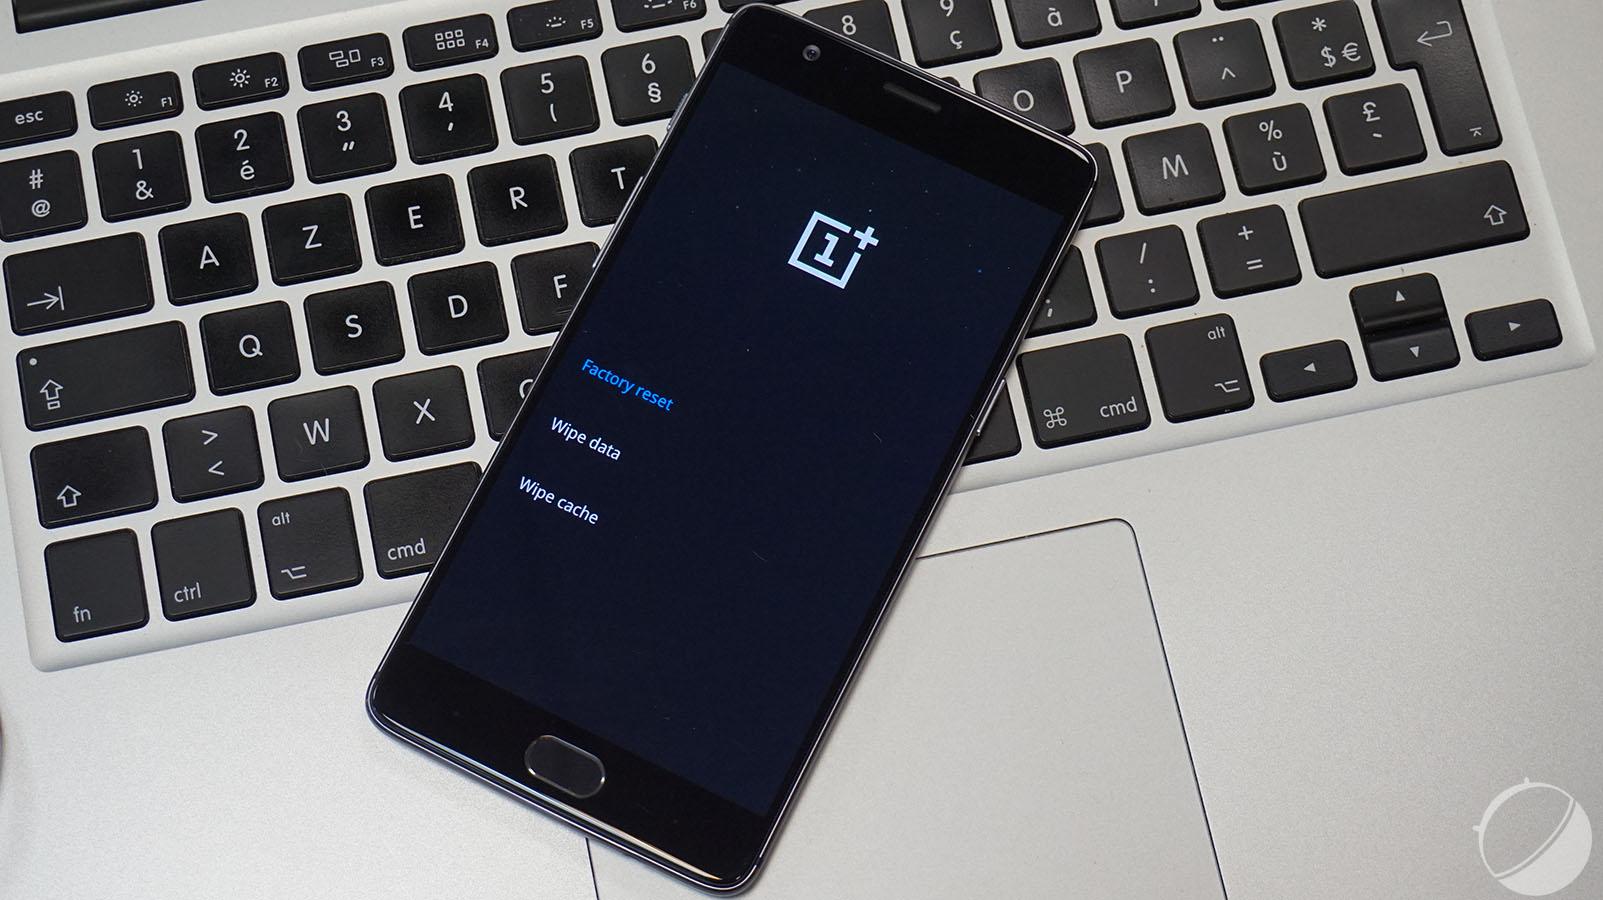 OnePlus 3 : OxygenOS 3.2.2 améliore le fonctionnement de Doze et du mode vidéo